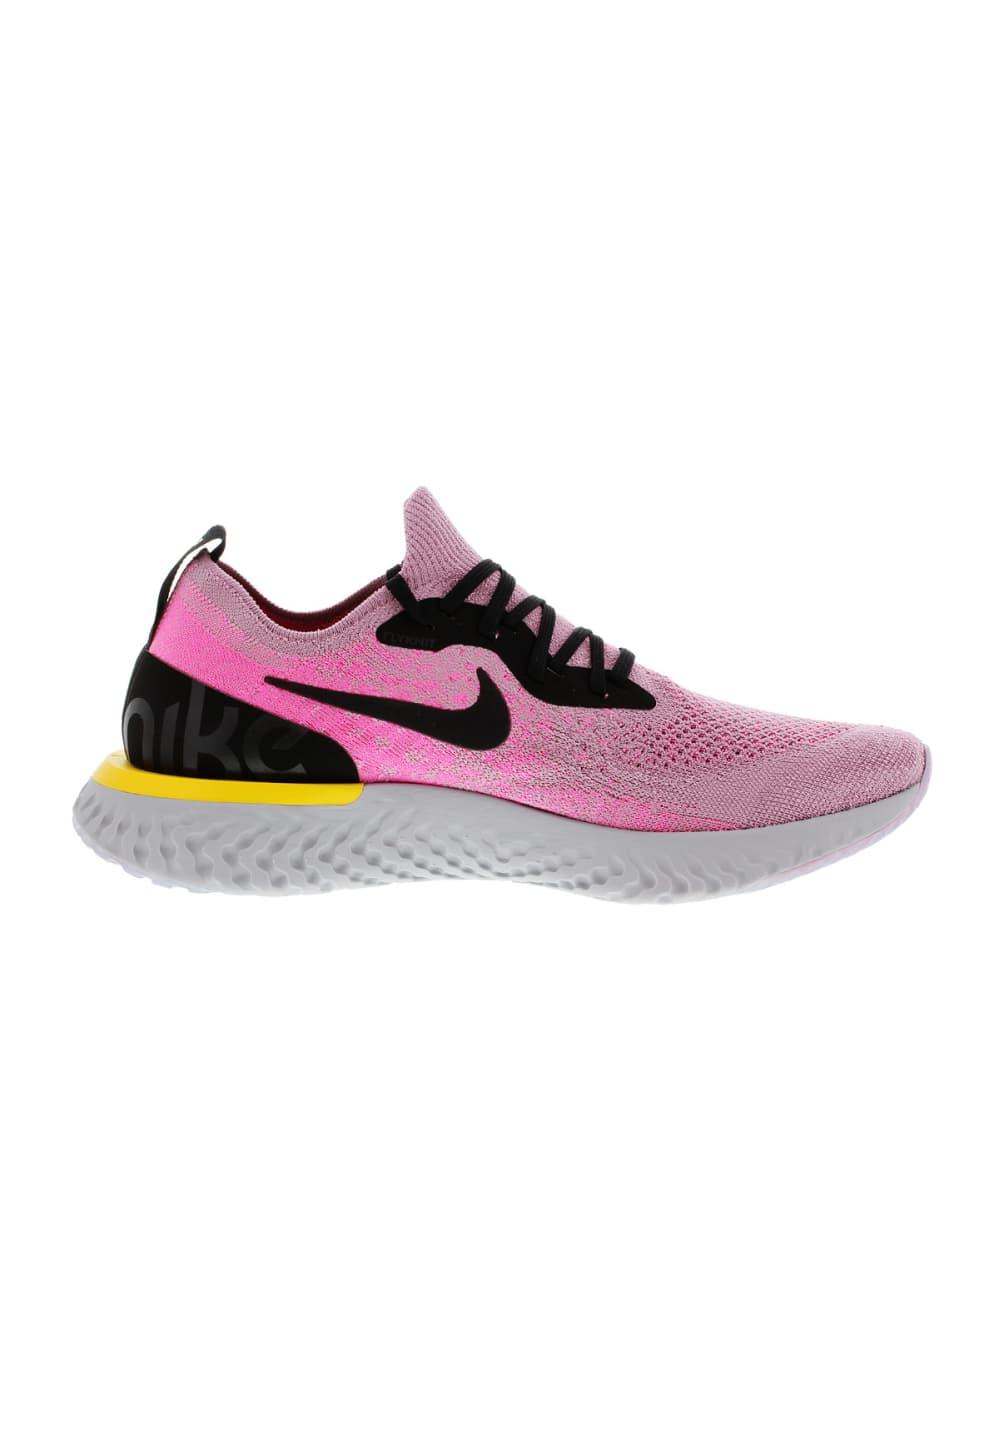 e55e59581f2a2 Next. -60%. Dieses Produkt ist derzeit ausverkauft. Nike. Epic React Flyknit  - Laufschuhe für Damen